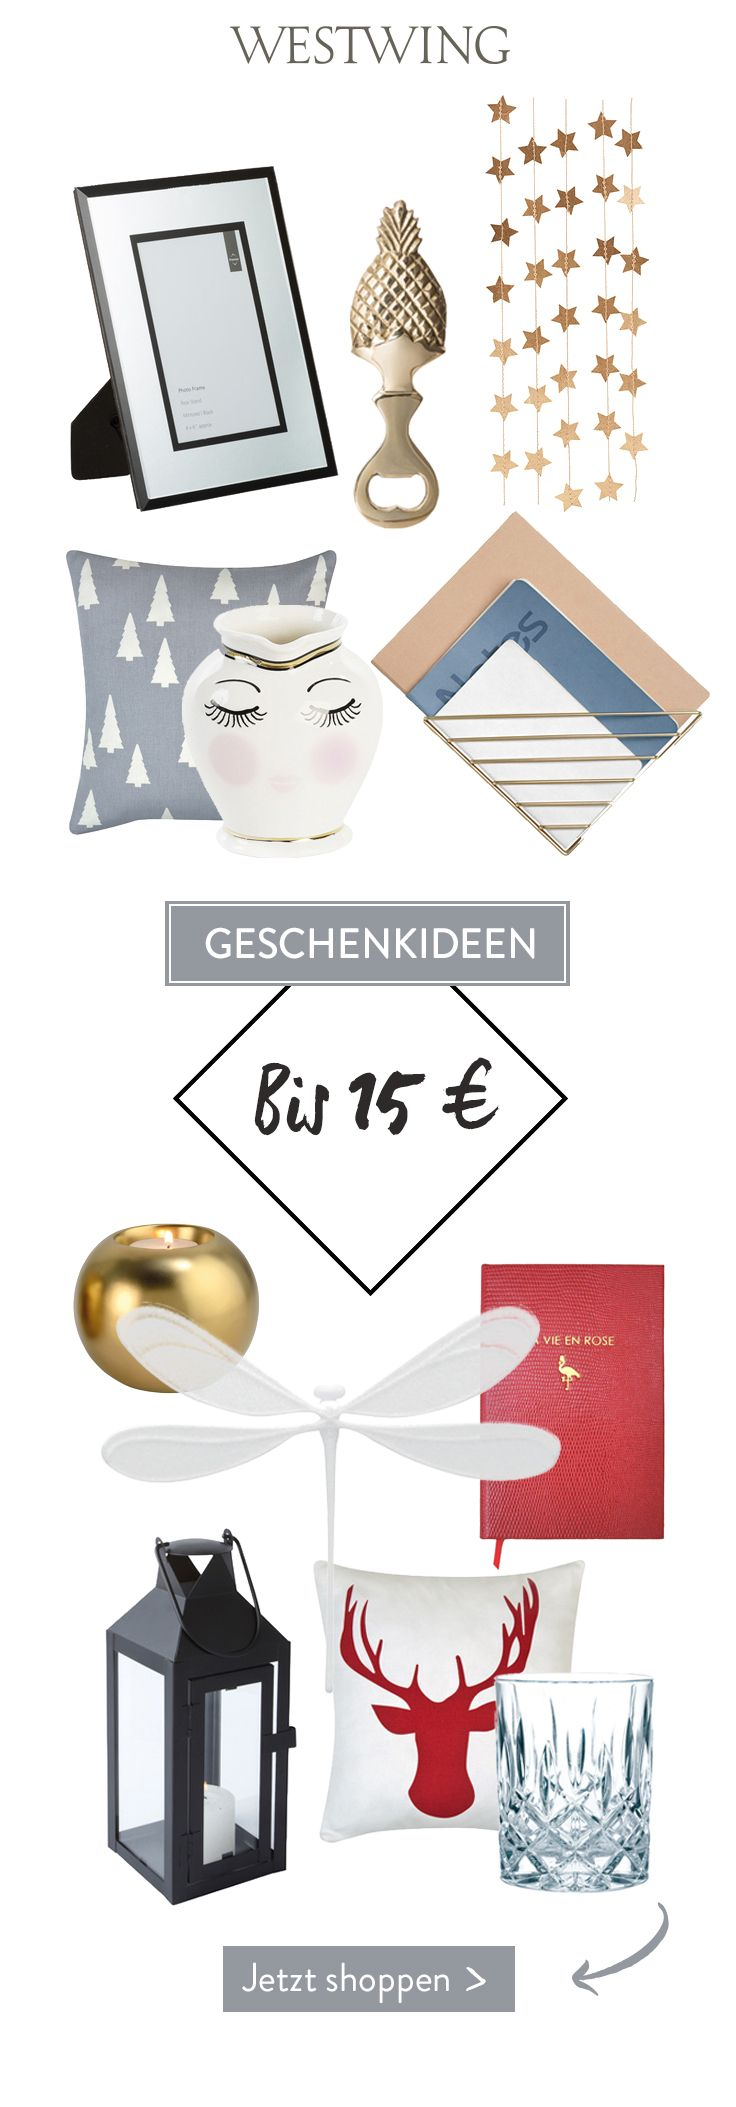 Geschenkideen bis 15 €: Klein aber fein! Du suchst nach einem ...